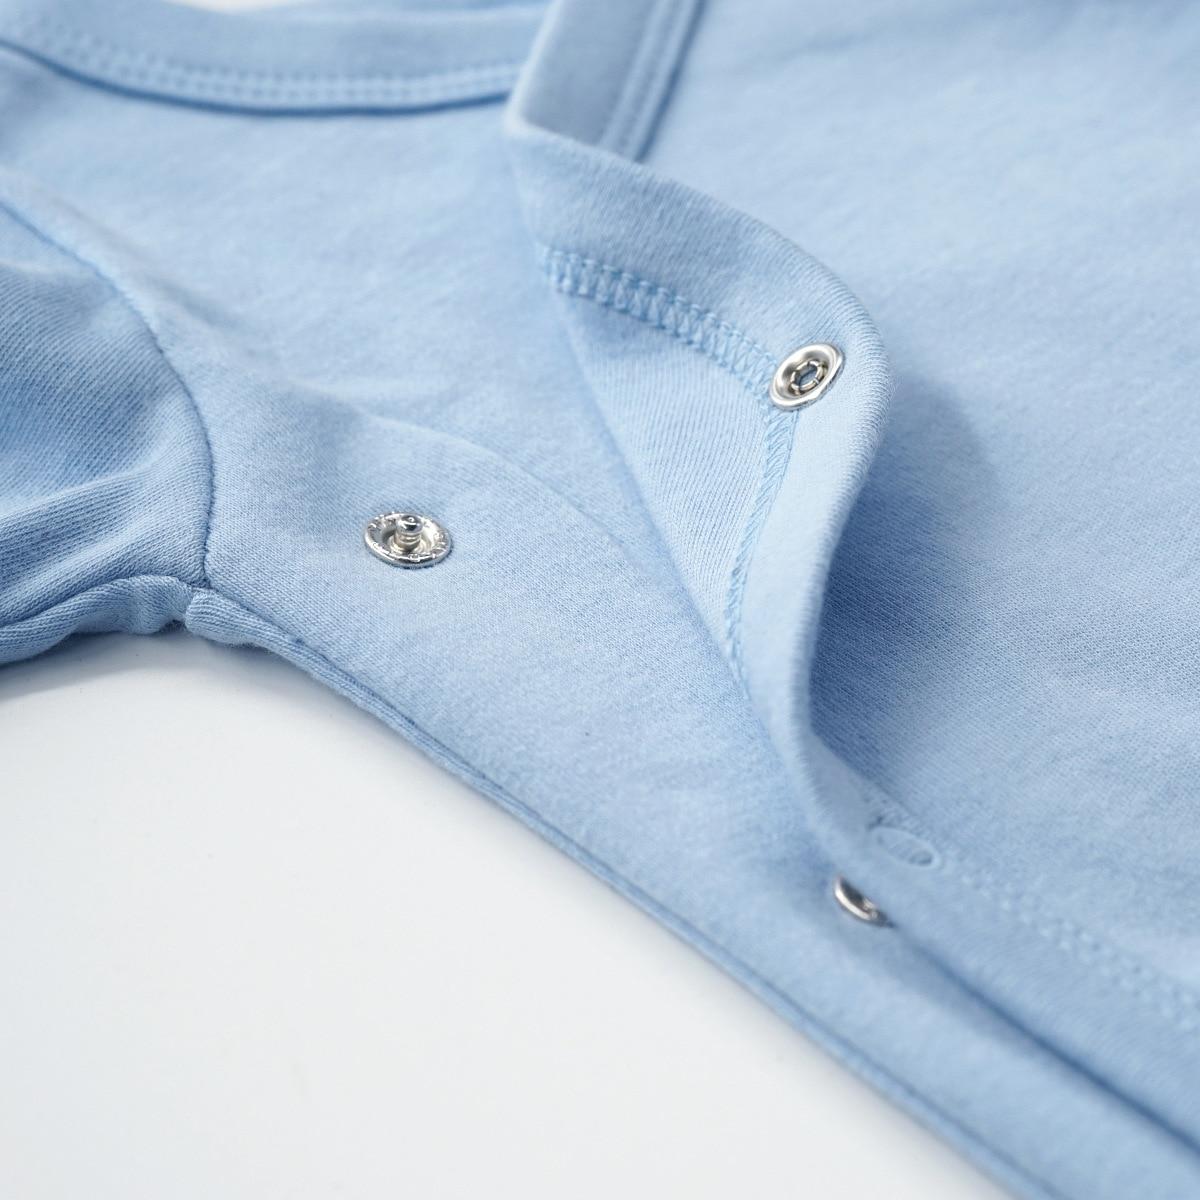 Kids Underwear 100% Cotton New Born Underwear T-shirts For Babies 0-3 Months Home Dress Spring Autumn Underwear Girls Kids